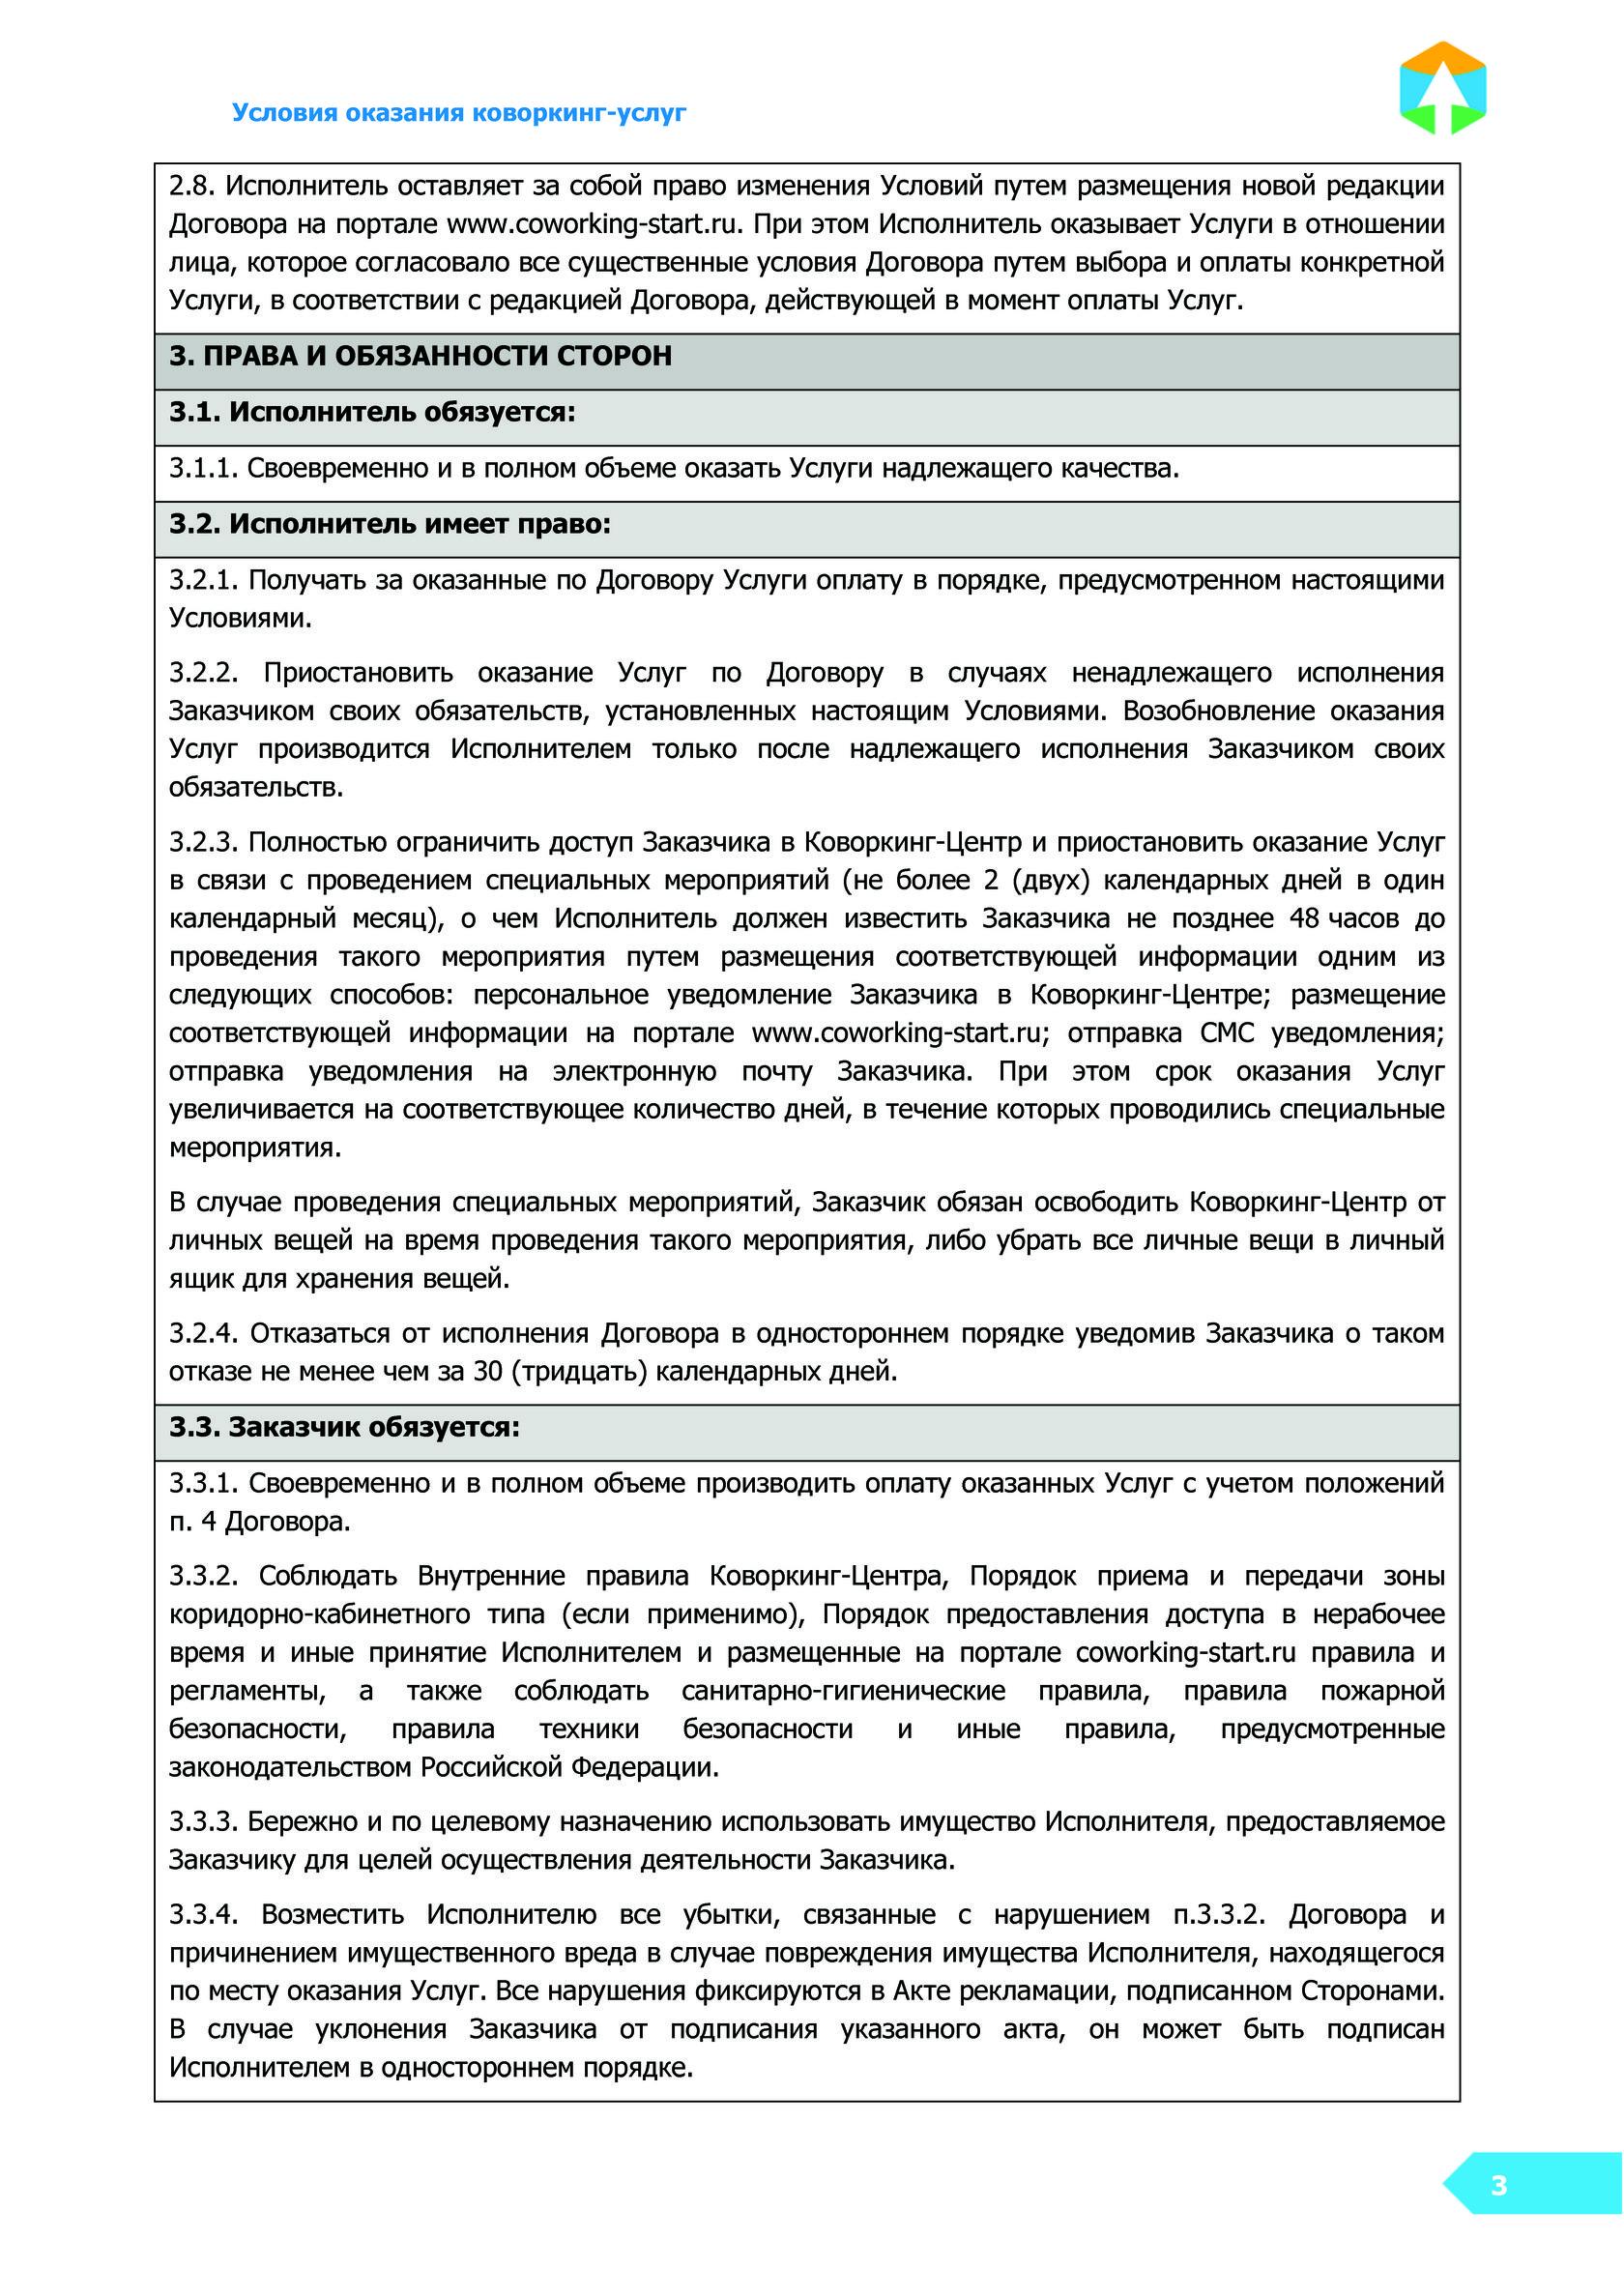 efa420f23fa09 Предыдущая редакция договора оферты(PDF)